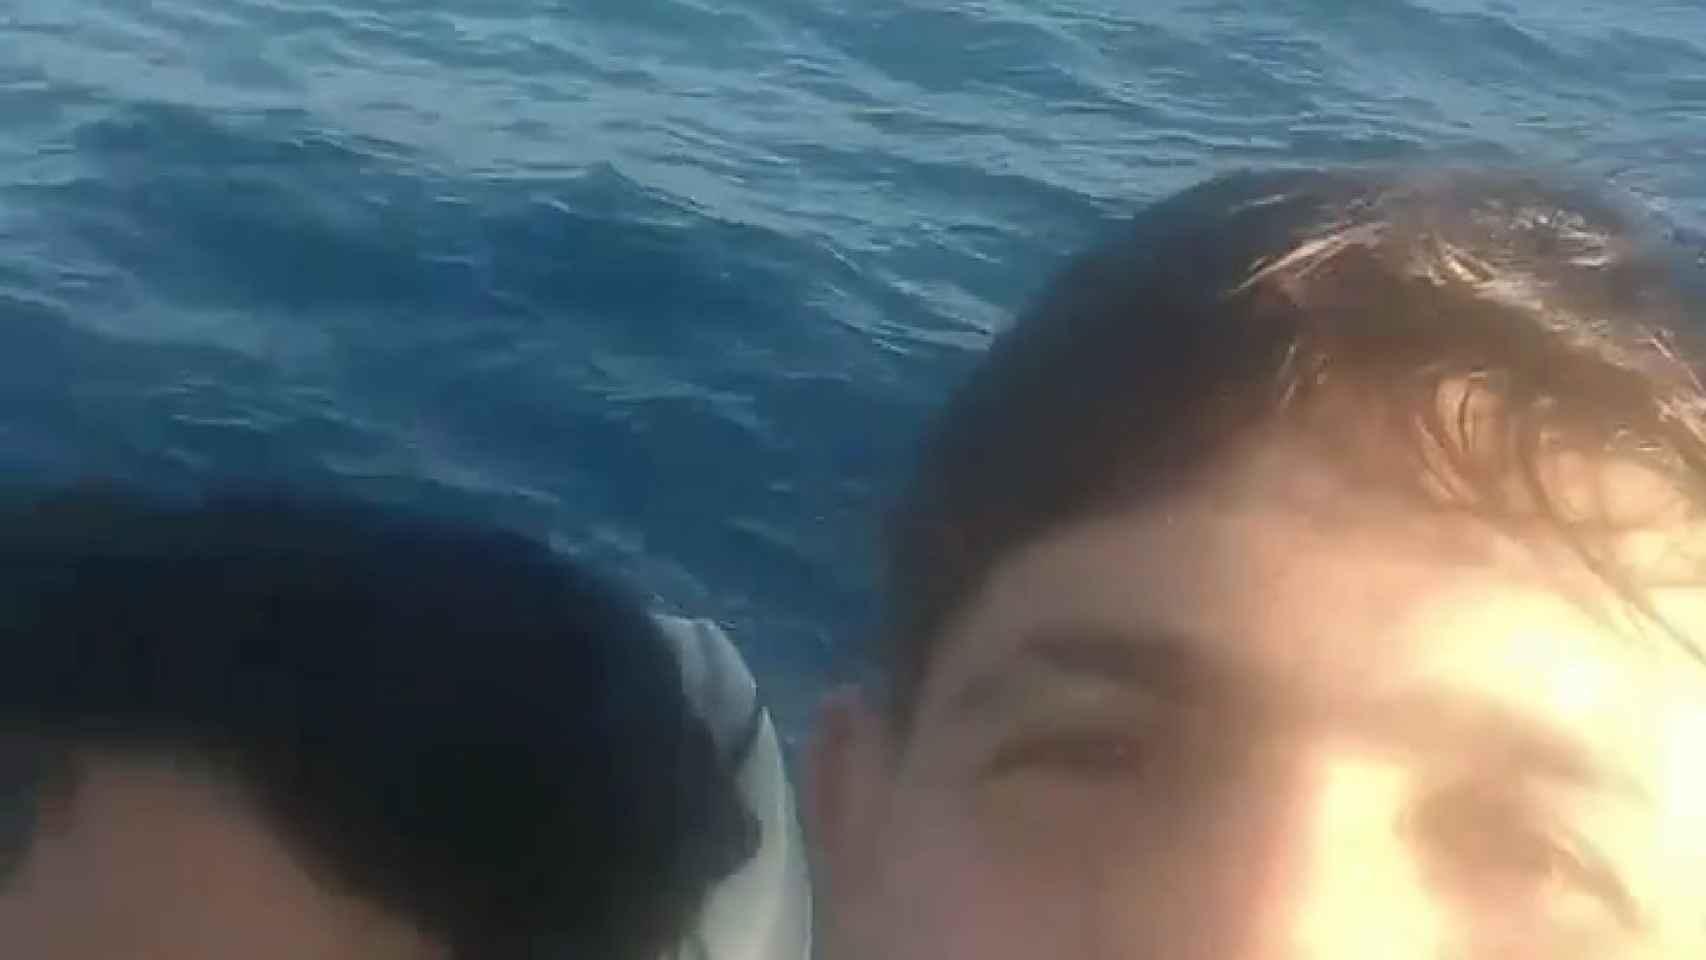 El sospechoso de un homicidio en Argelia huyó de su país en una patera rescatada por Salvamento Marítimo.